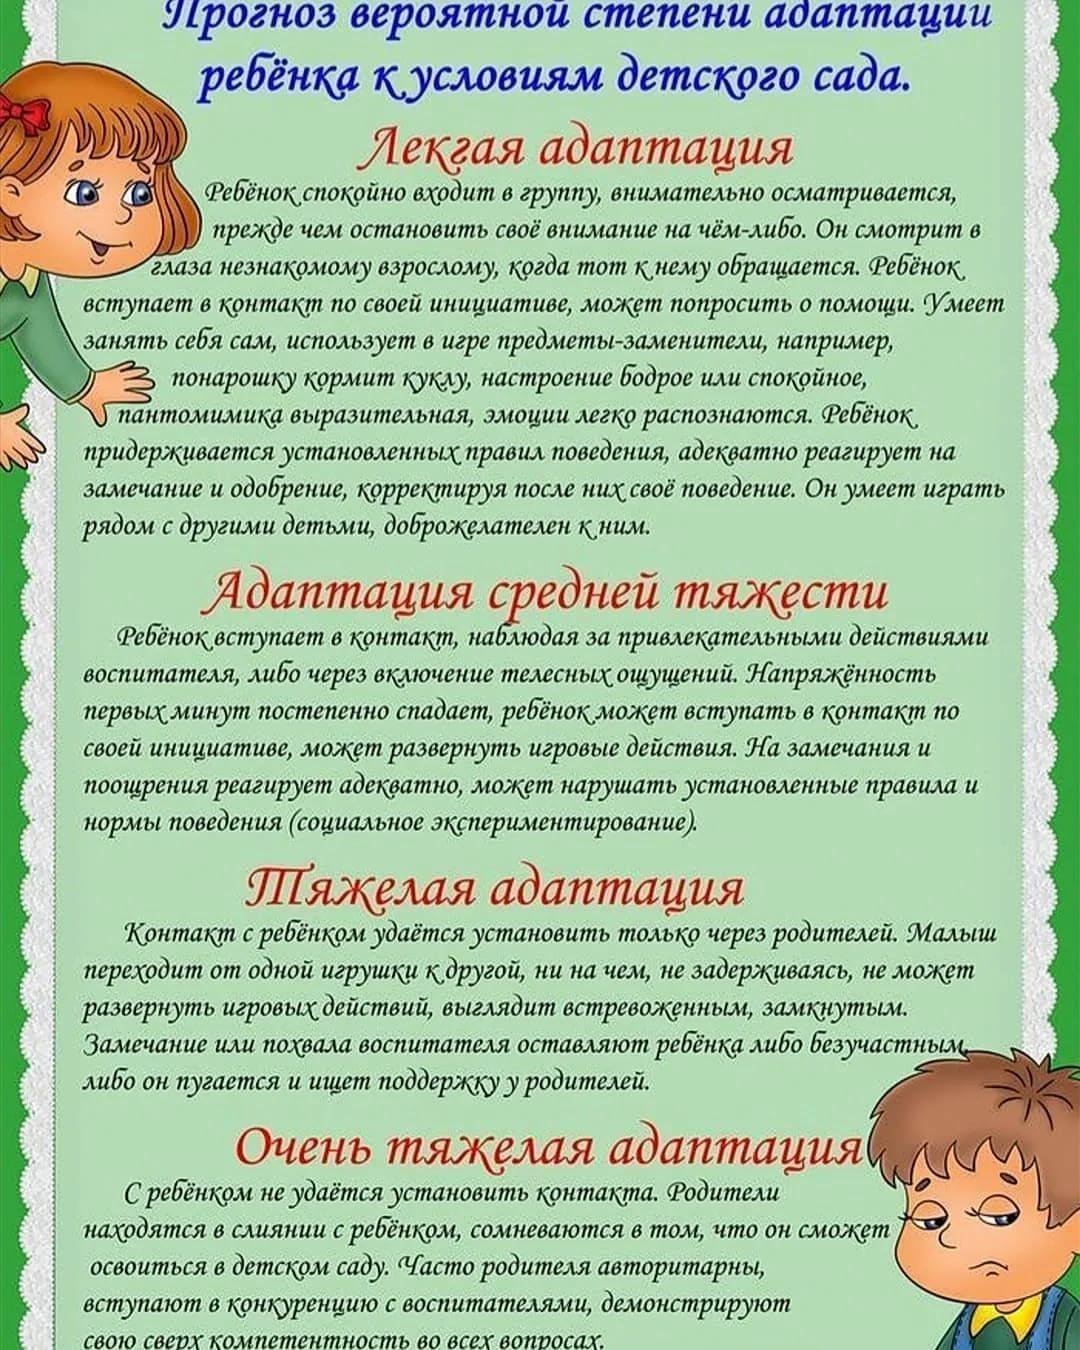 Как облегчить адаптацию ребенка к детскому саду: 9 основных причин